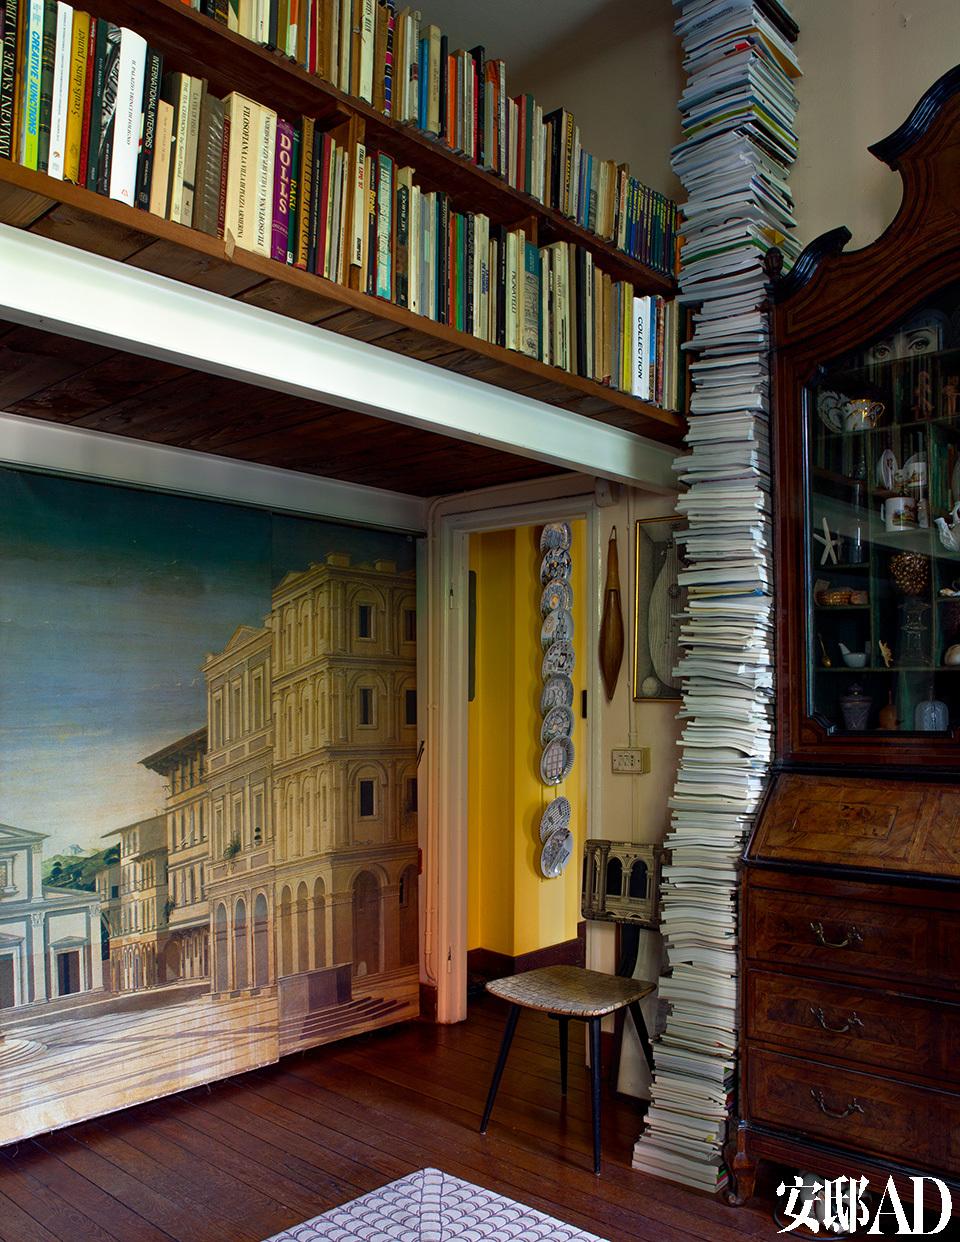 一层客厅内,左手边是受文艺复兴时期启发的裱框画作,代表一座理想之城,由Piero Fornasetti和Barnaba Fornasetti父子共同创作。